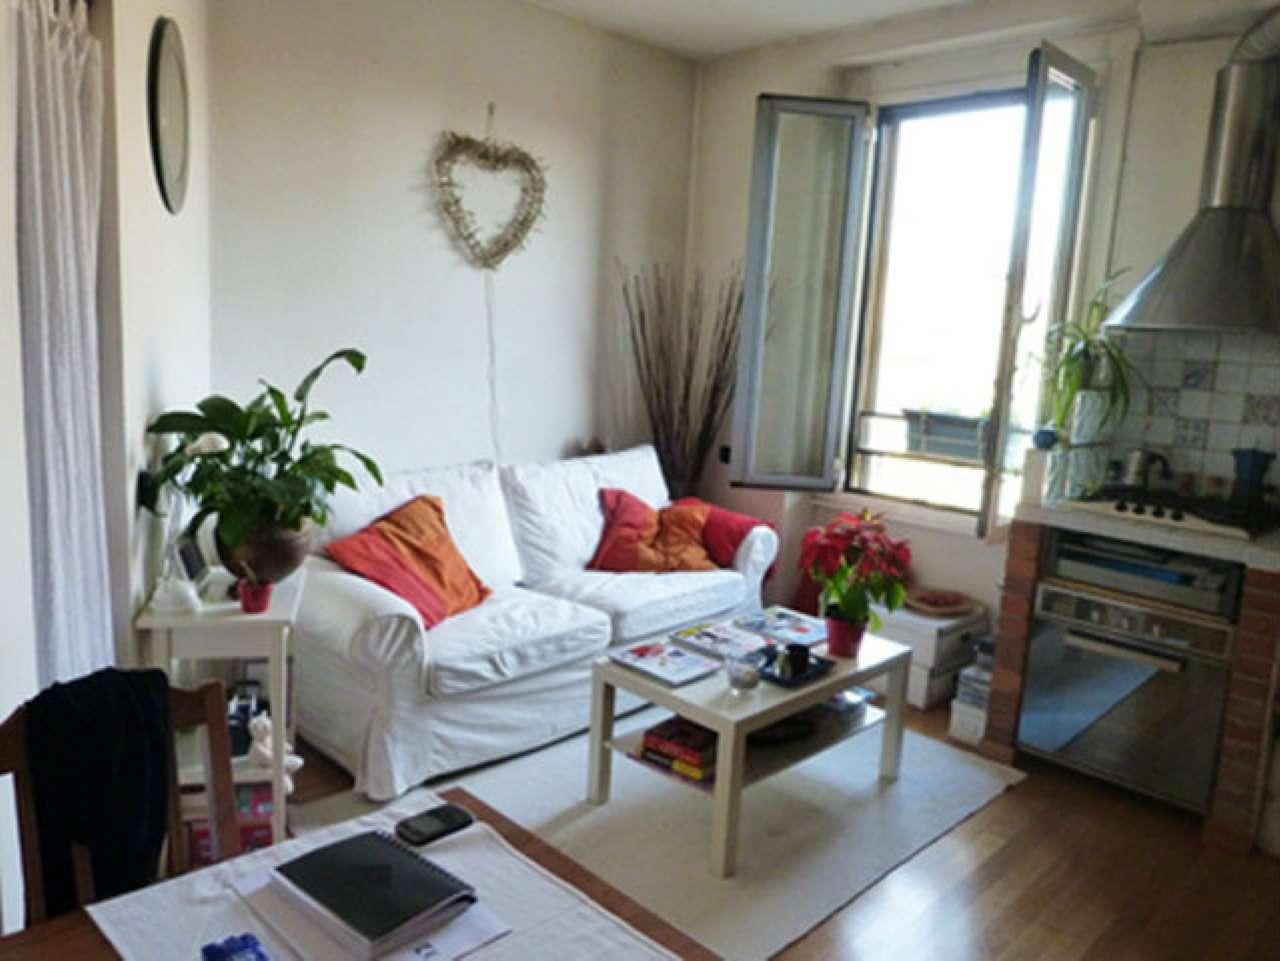 Appartamento in Affitto a Milano 03 Venezia / Piave / Buenos Aires: 1 locali, 25 mq